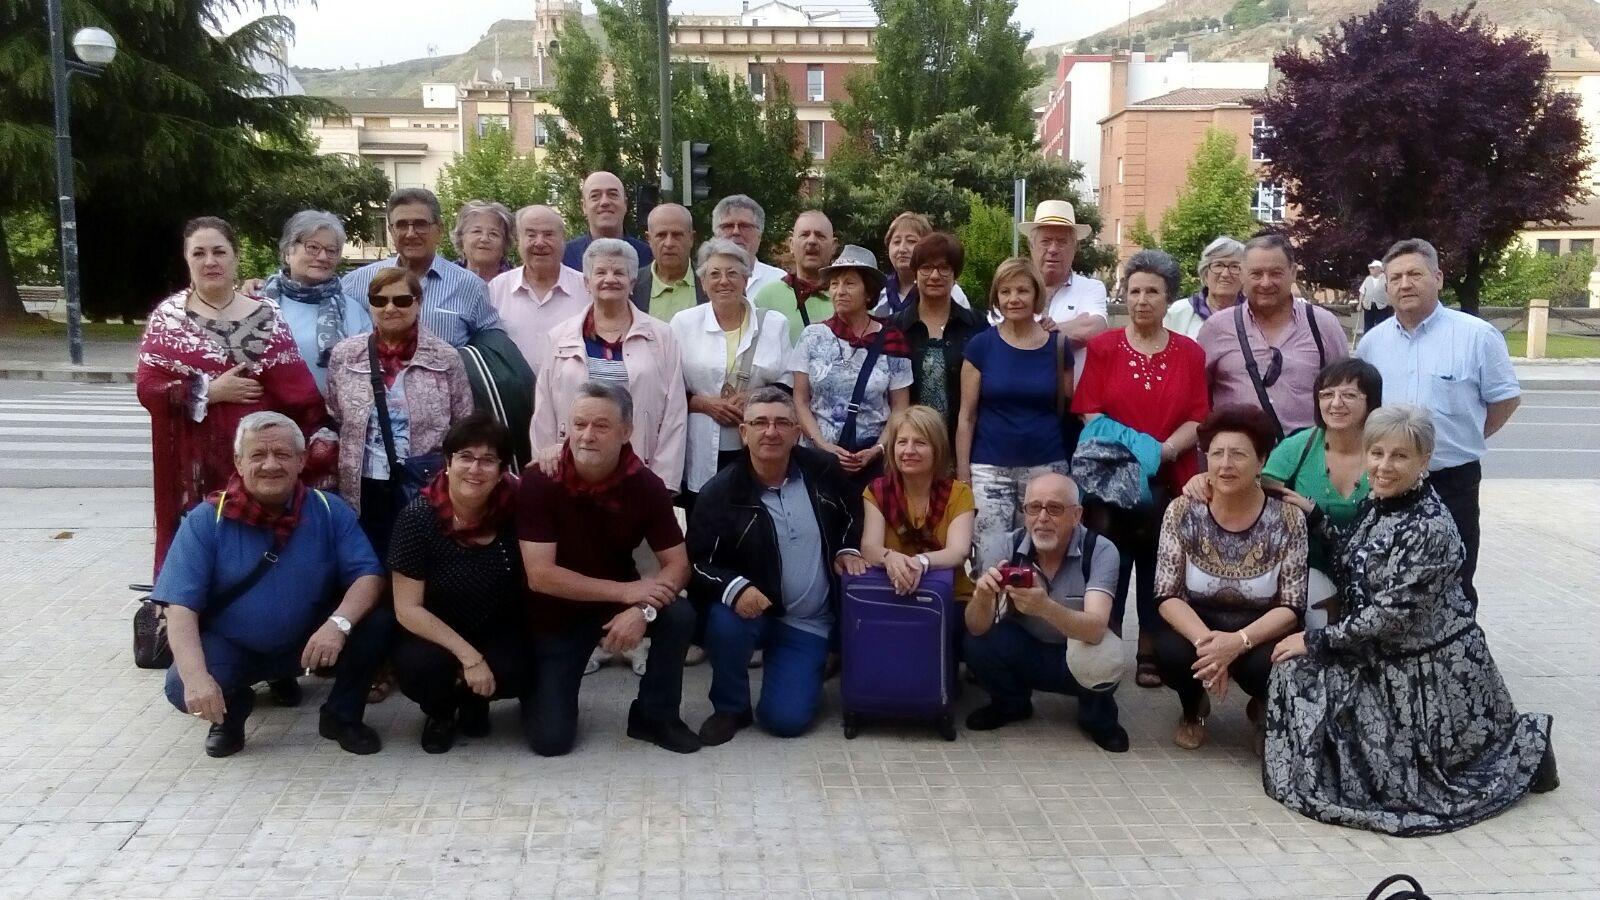 2016-fotos-de-fin-de-semana-en-benabarre-folklore-aragones-4-y-5-de-junio-2016-16